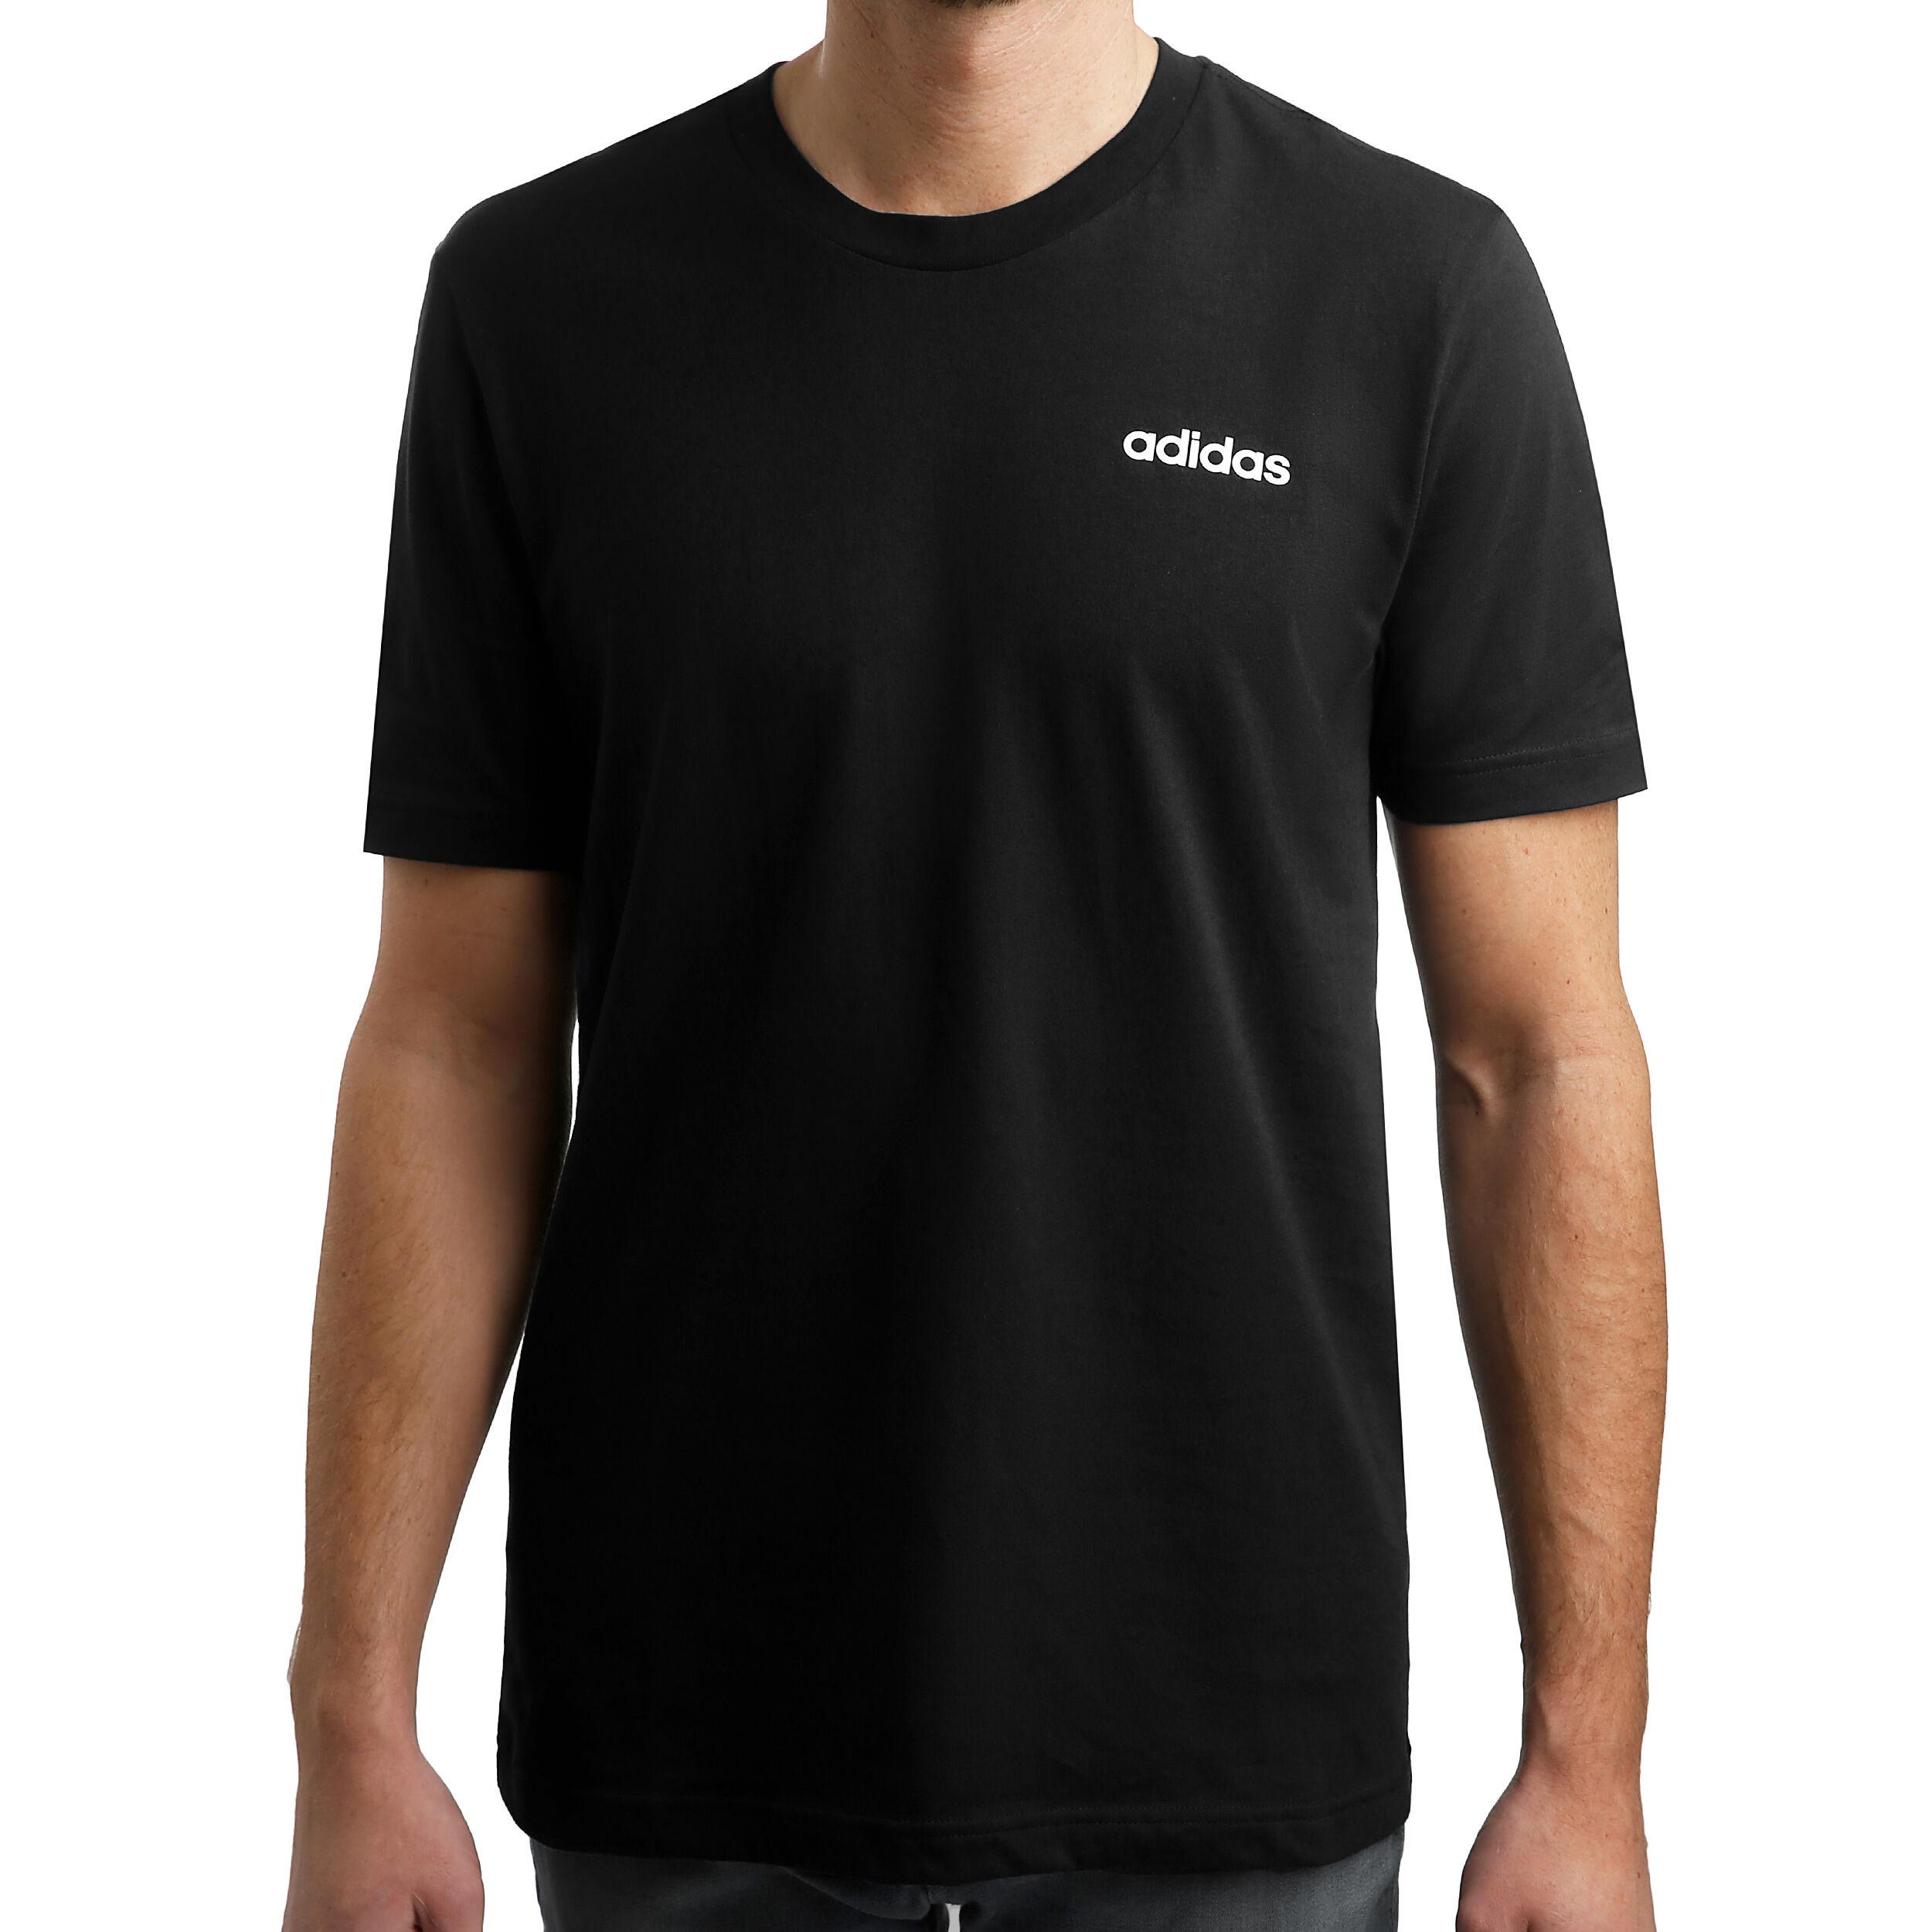 adidas T Shirt Essentials Plain, Baumwolle, für Herren